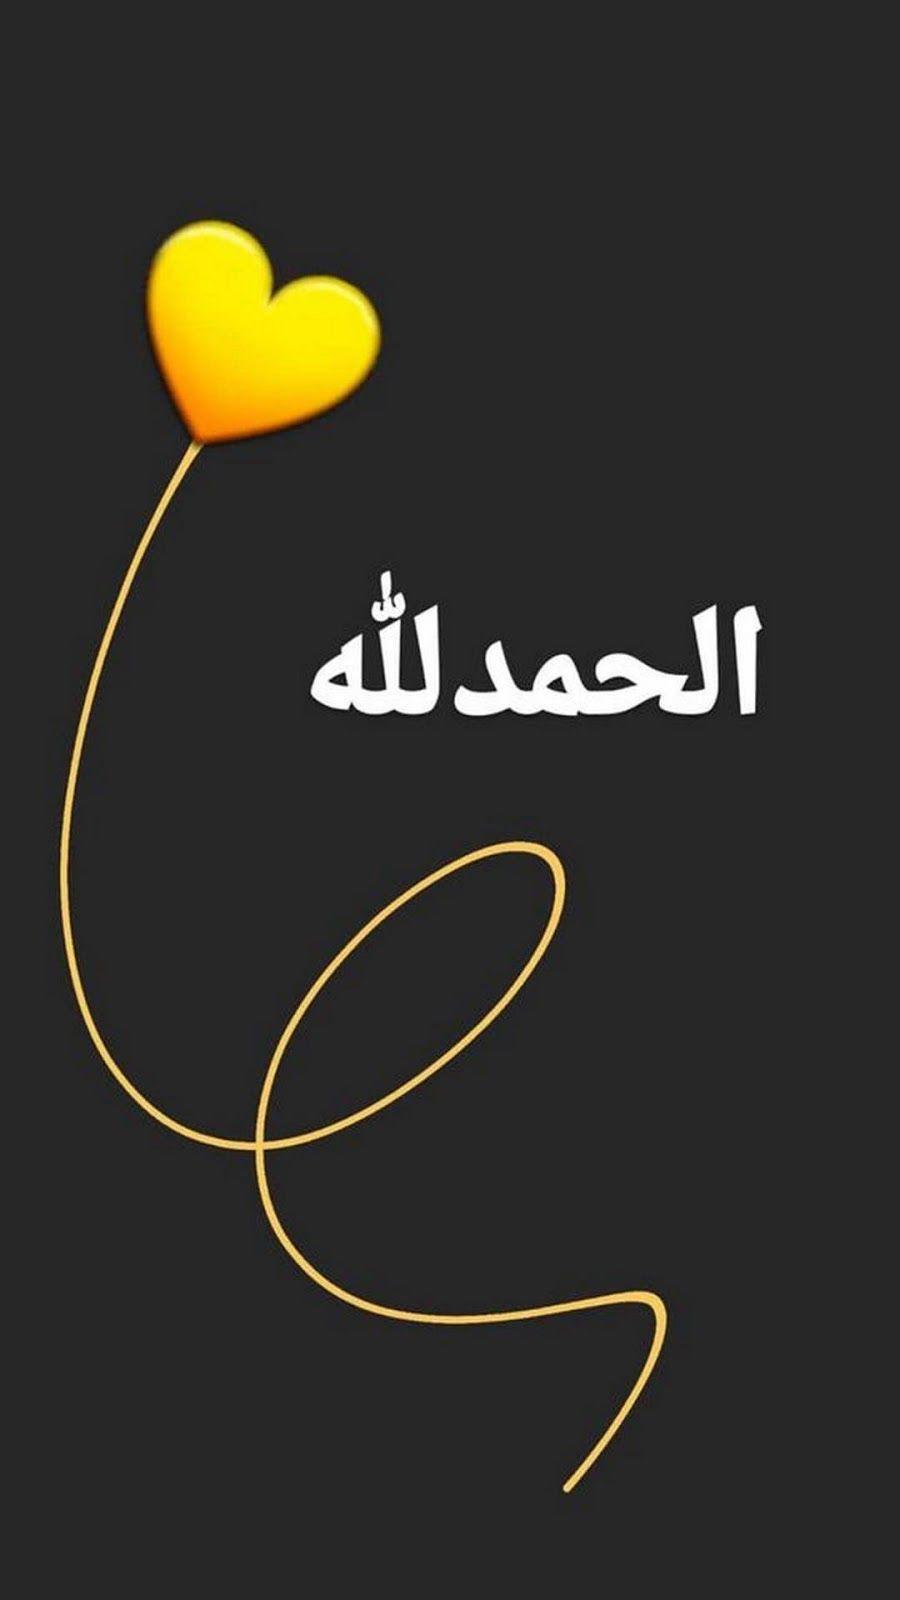 الحمد لله الحمدلله الله محمد الحمد رسول الله لله الإسلام دين الجنة اسلام القرآن أطفال الفتح إله الشكر لله Islamic Love Quotes Ramadan Quotes Quran Quotes Love